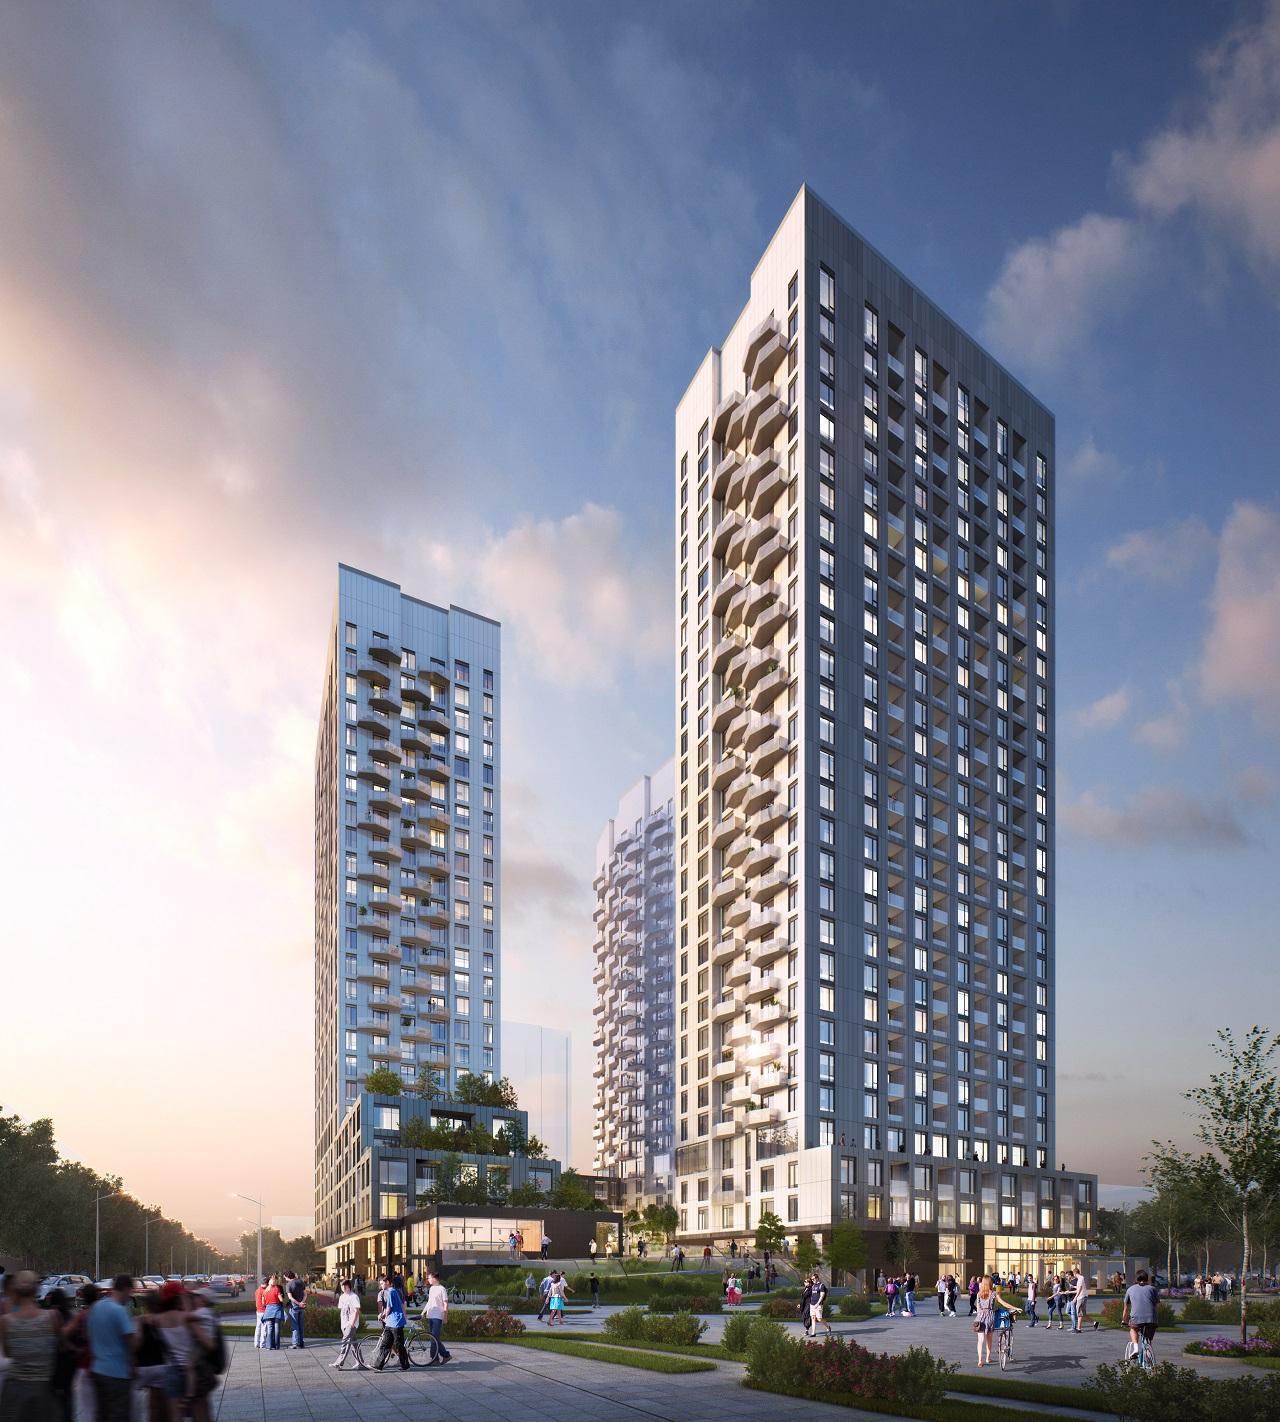 Abeja-District-Condos-Tower-3-Toronto-Condos-Buildings-Rendering